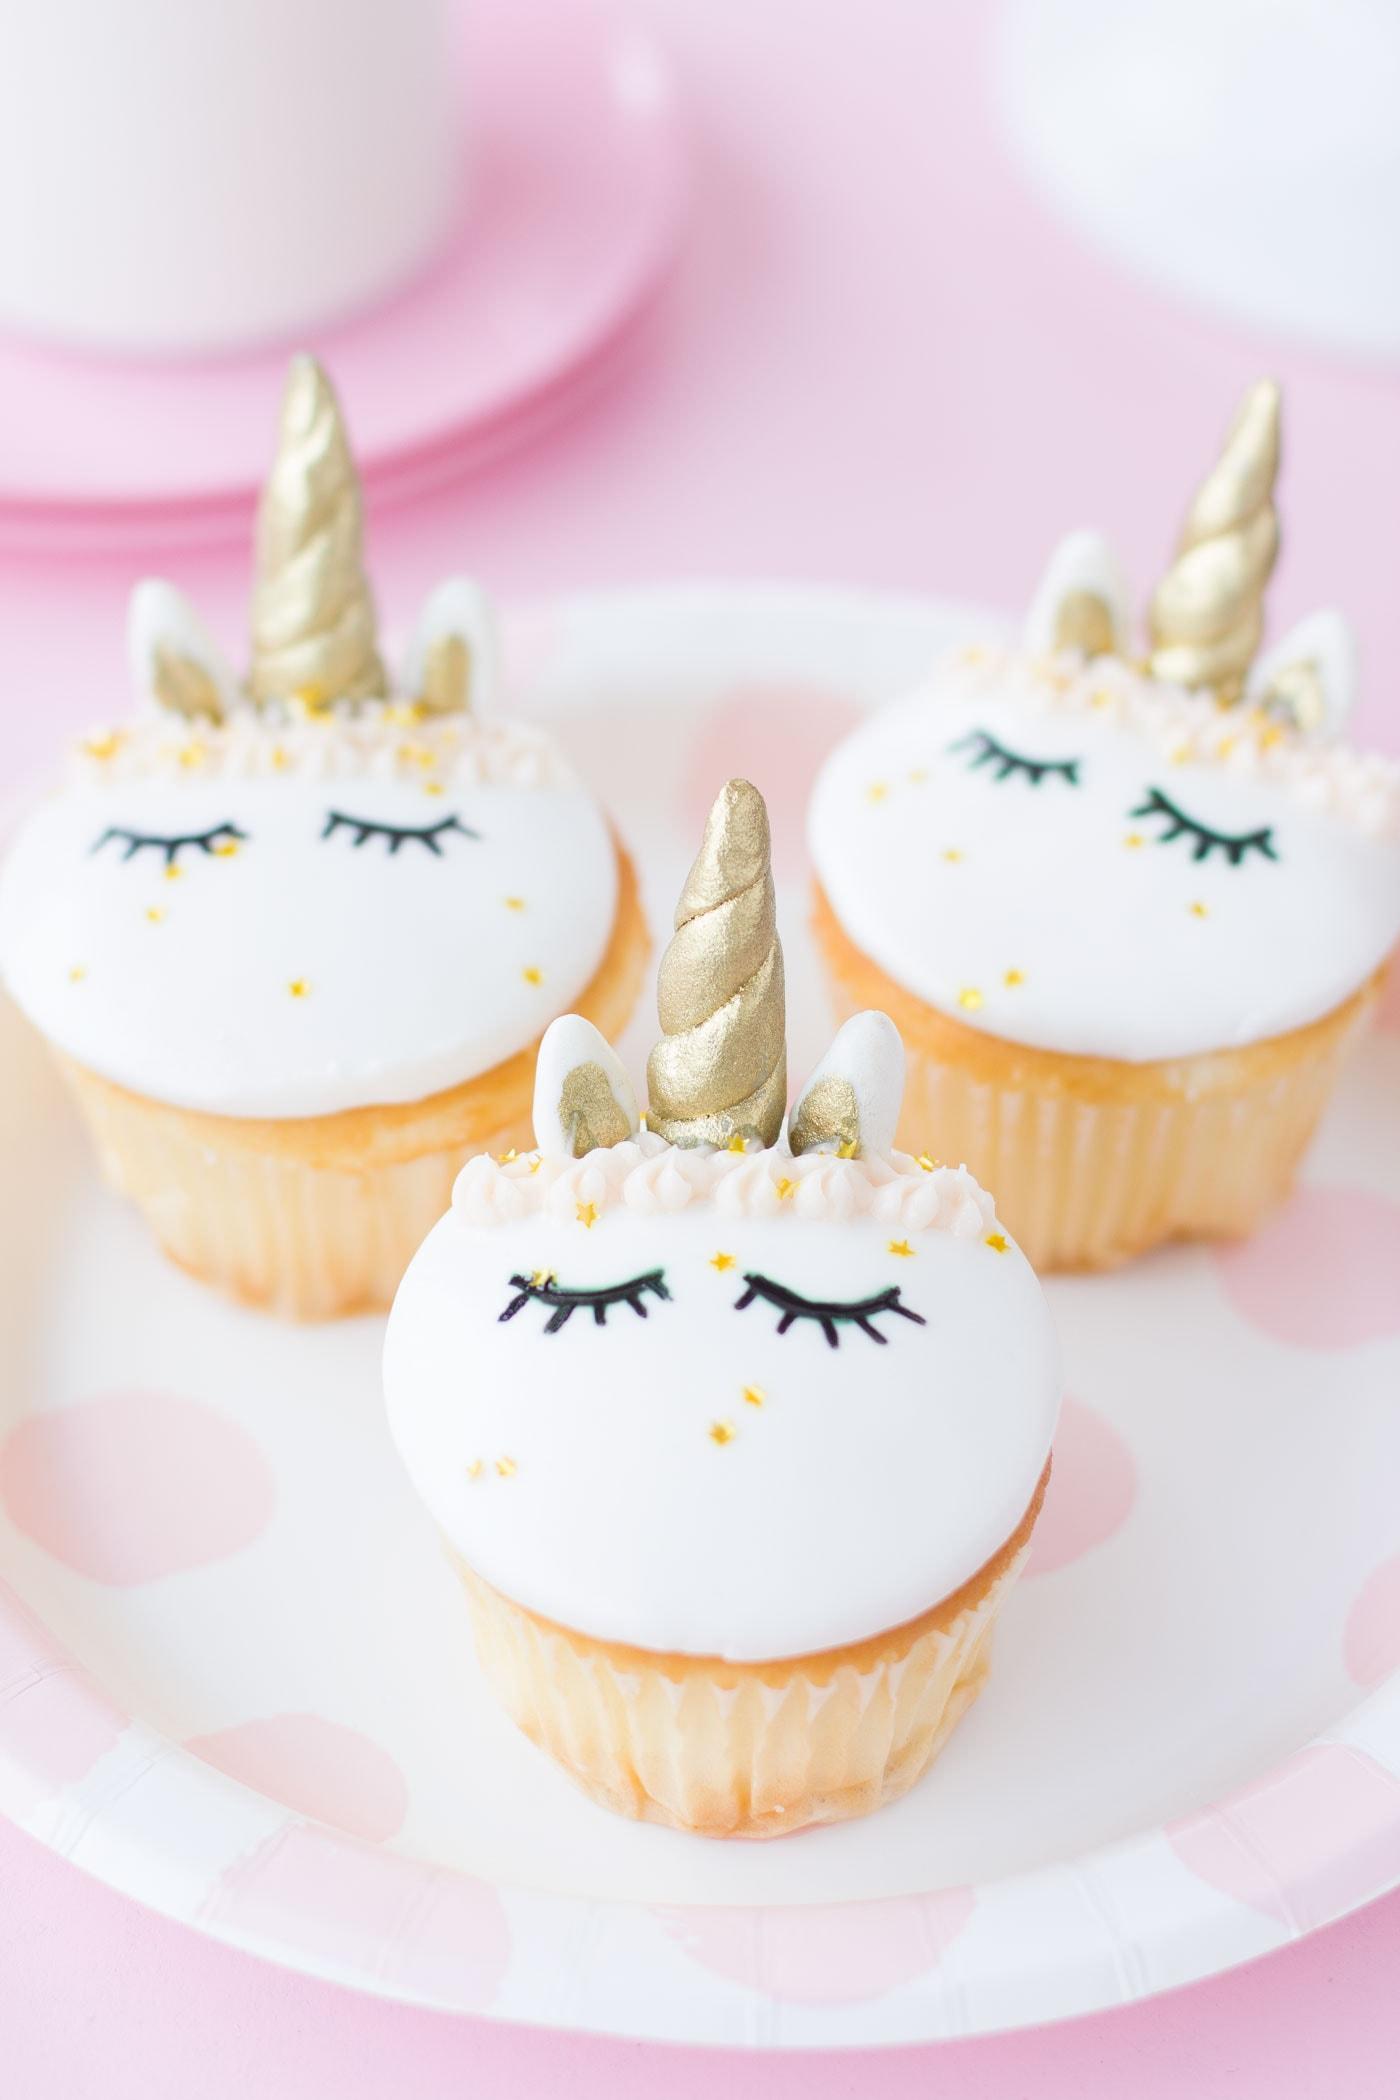 Where Can I Buy A Cupcake Cake